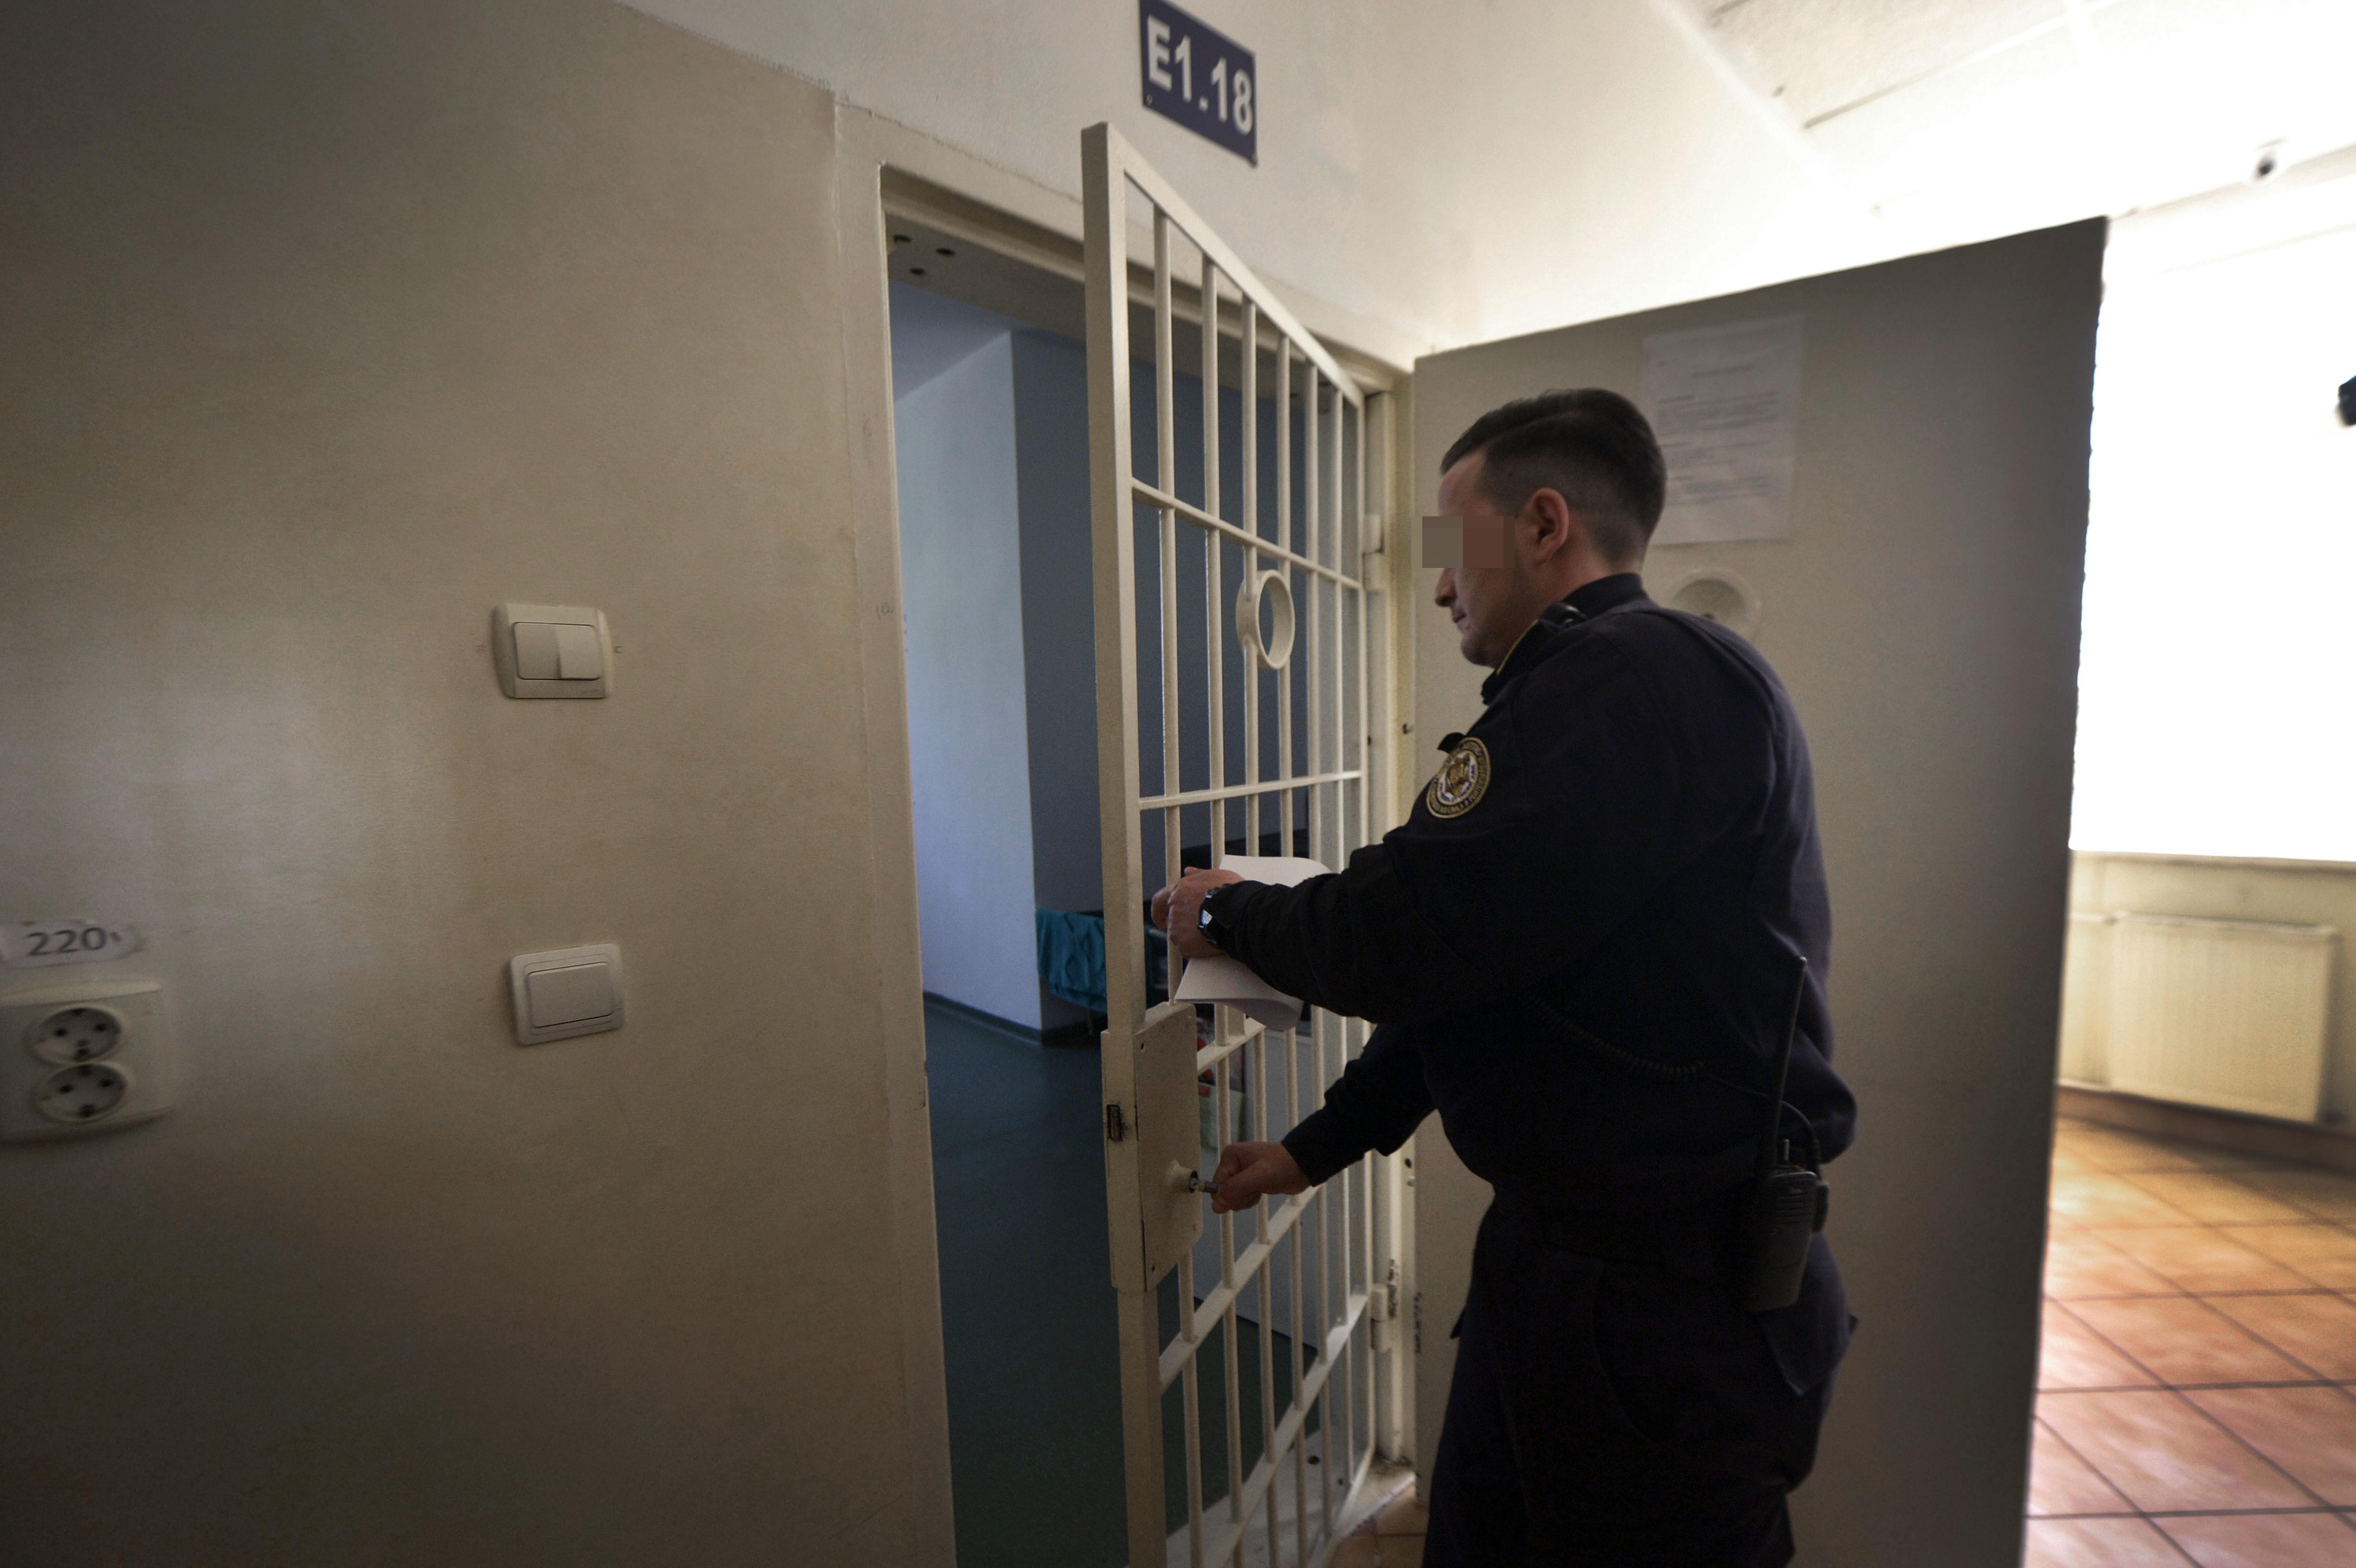 Angajaţii Penitenciarului Vaslui refuză să mai intre la serviciu/ Ministrul Toader: Luni merg acolo. Finalizăm un act normativ ca să plătim orele suplimentare